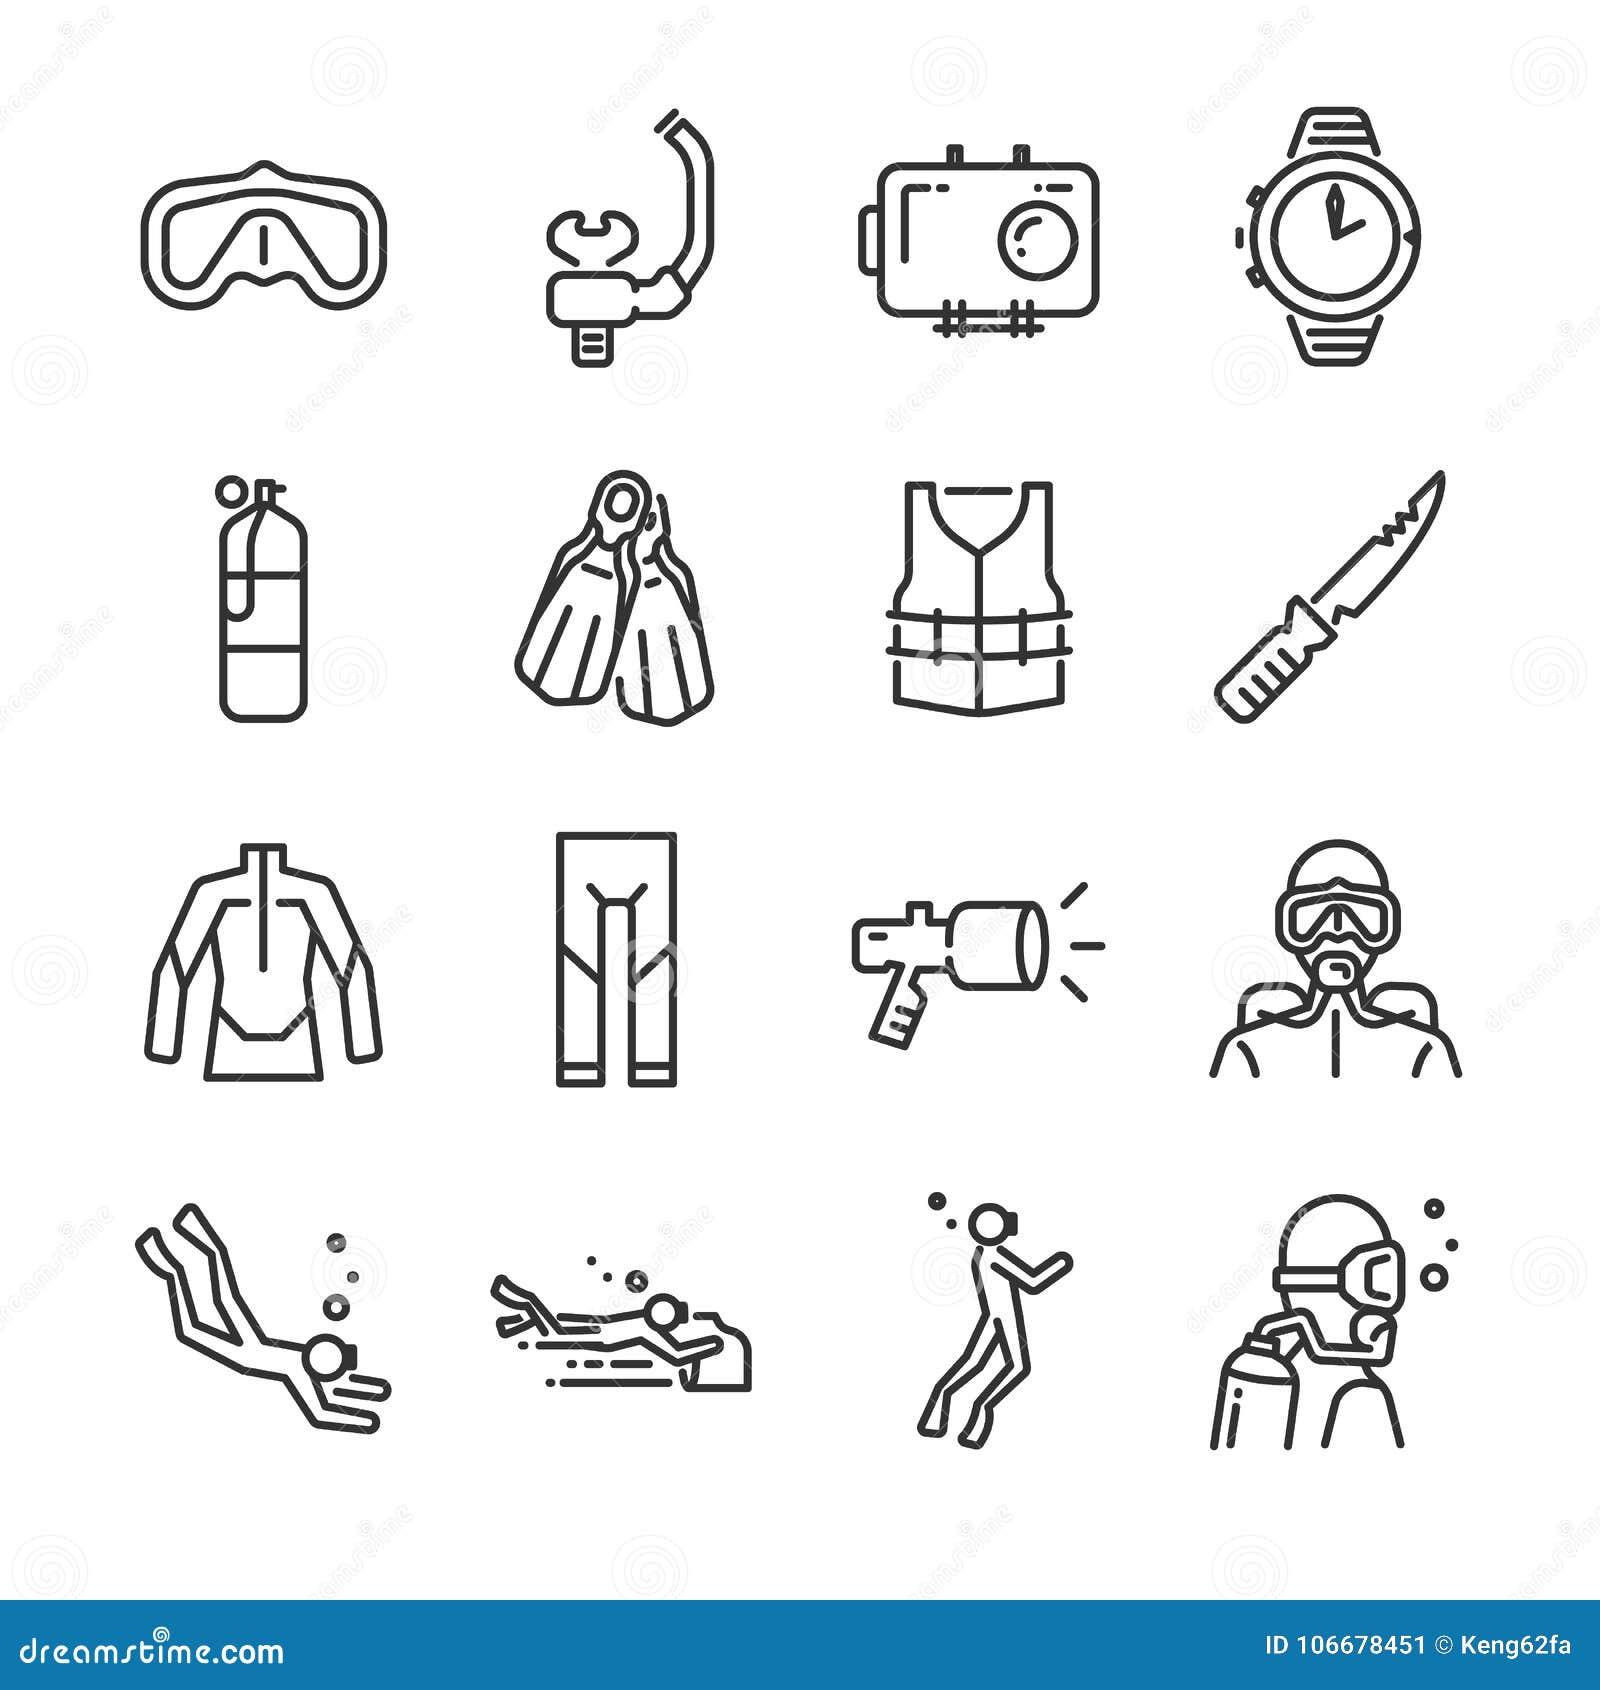 Σύνολο εικονιδίων κατάδυσης σκαφάνδρων Περιέλαβε τα εικονίδια όπως υποβρύχιο, δύτη σκαφάνδρων, μάσκα, πτερύγια, ρυθμιστής, wetsui